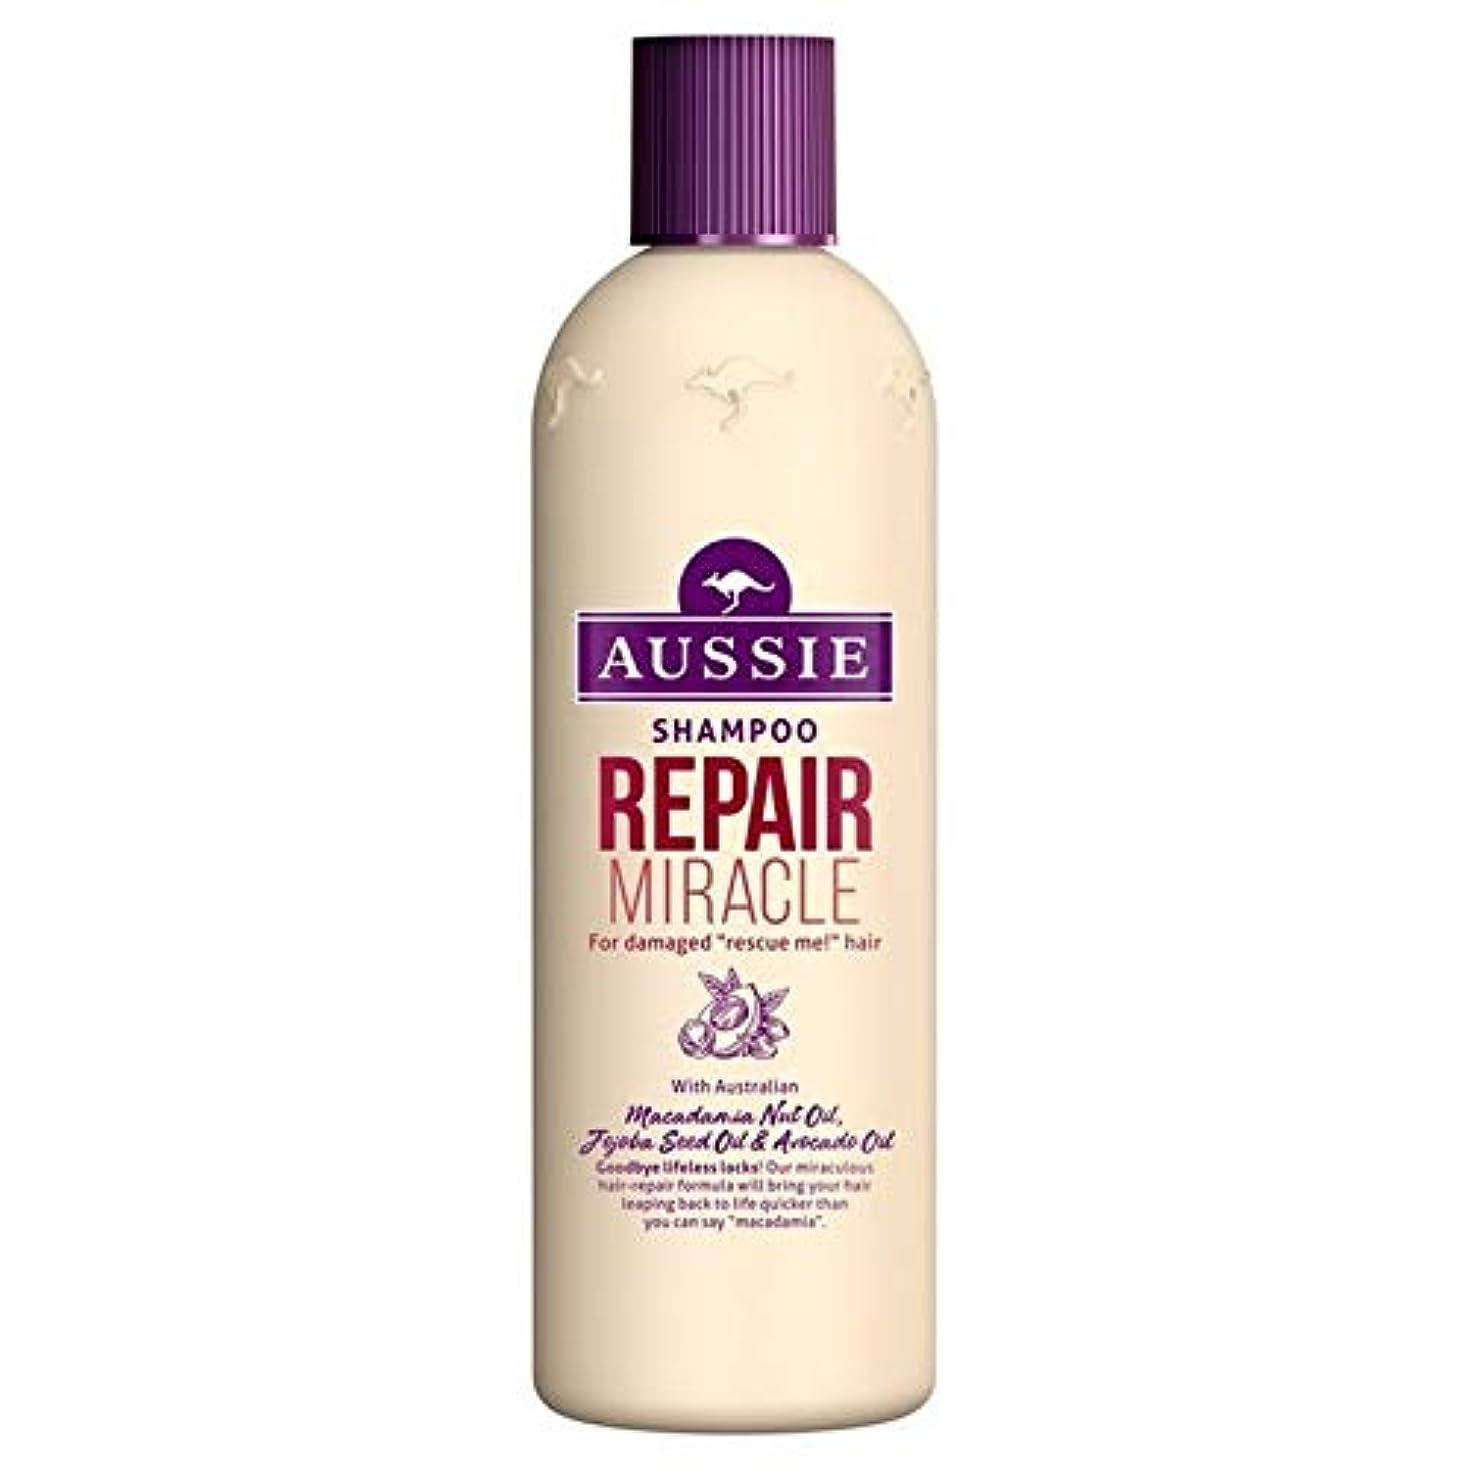 つぶす酸っぱい旅行者[Aussie ] いたずらな髪の300ミリリットルのすべての種類のオージーシャンプーの修理の奇跡 - Aussie Shampoo Repair Miracle for All Kinds of Naughty Hair...